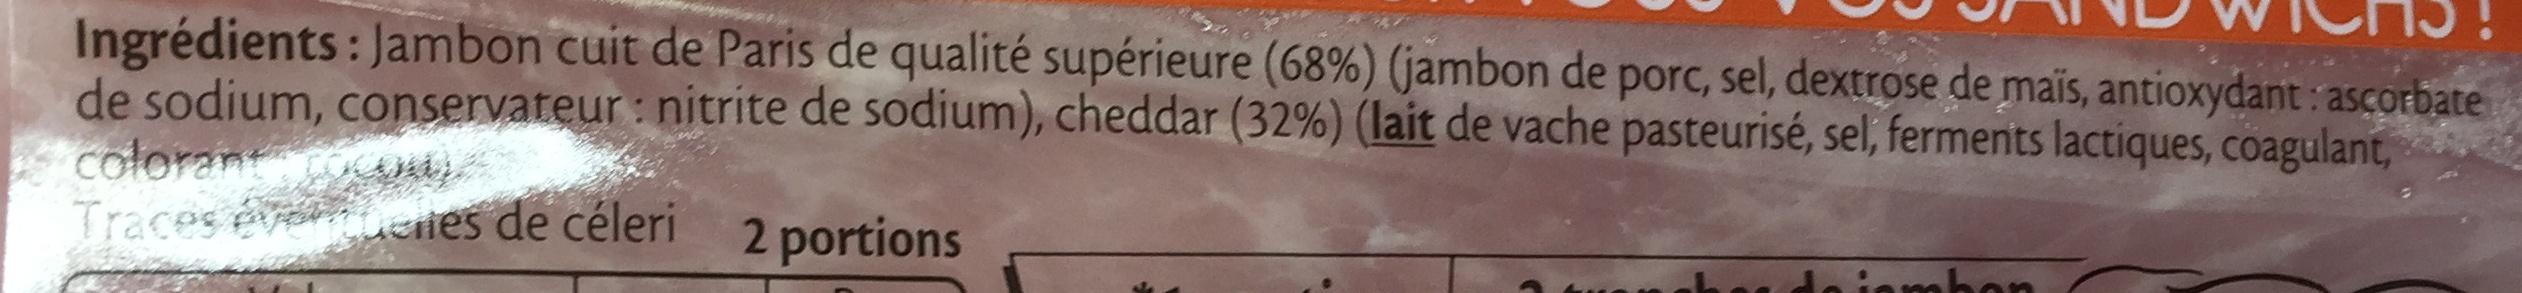 Le Paris & Cheddar spécial Baguette - Ingrédients